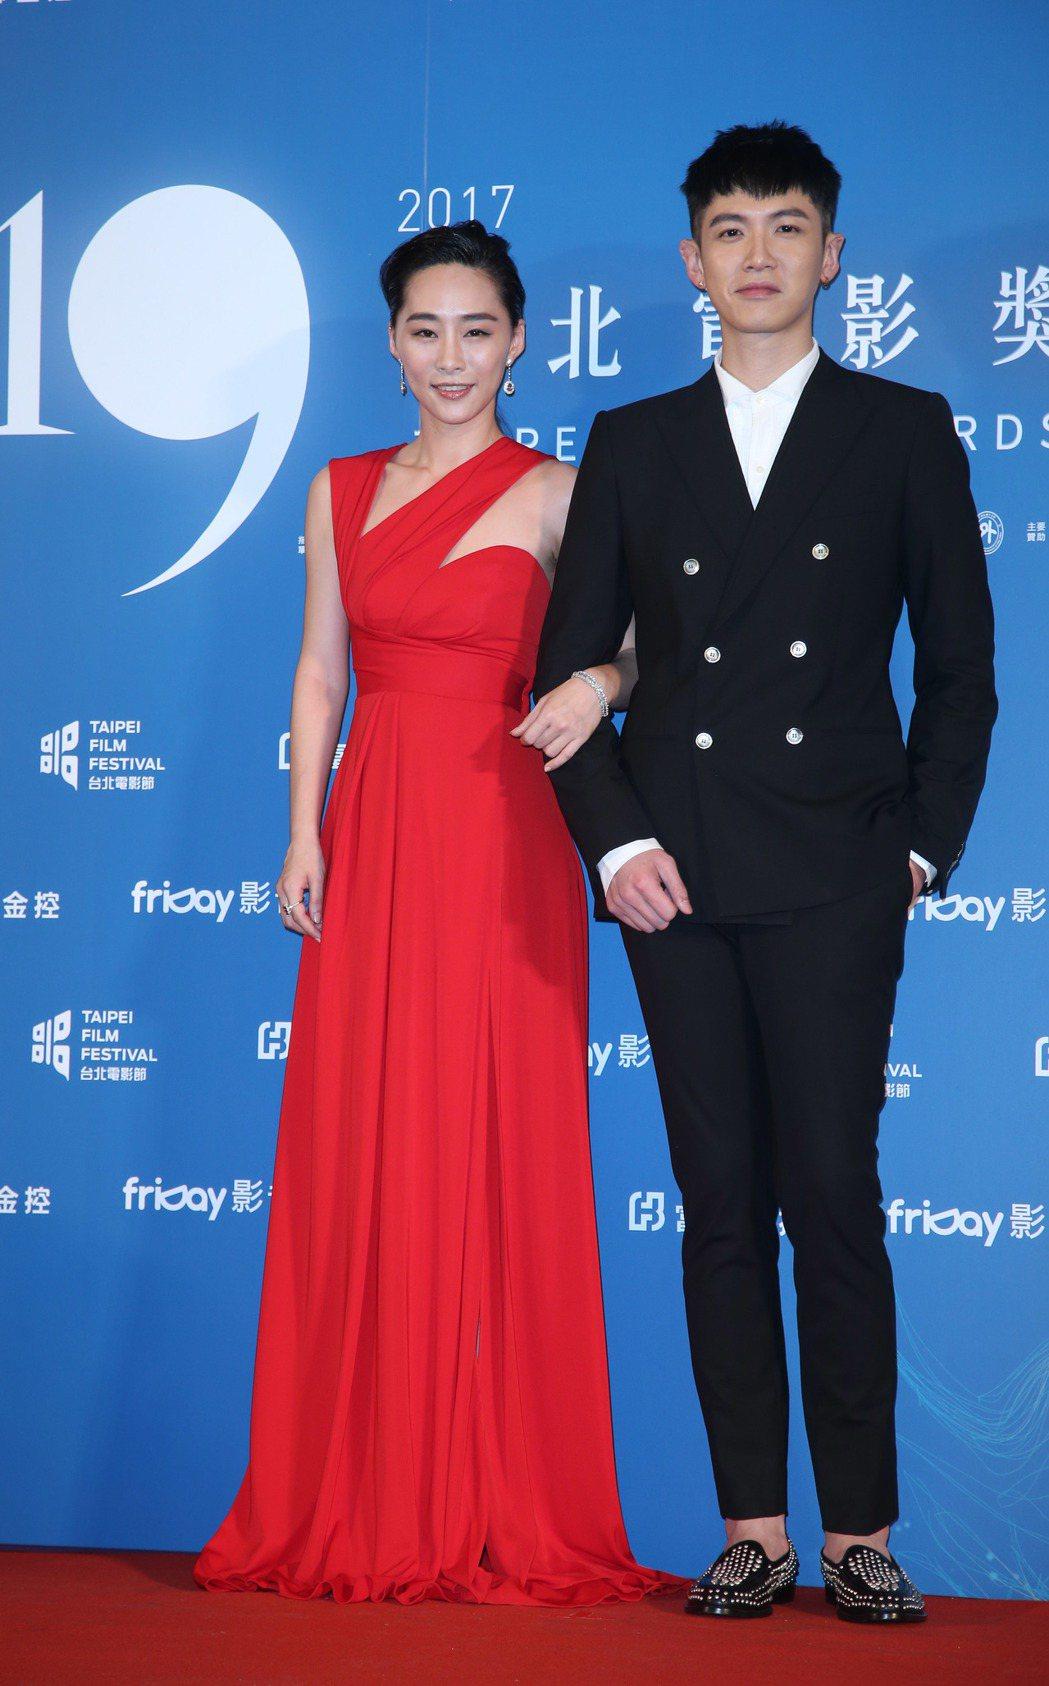 再見瓦城演員吳可熙(左)、柯震東出席台北電影節頒獎典禮。記者陳瑞源/攝影